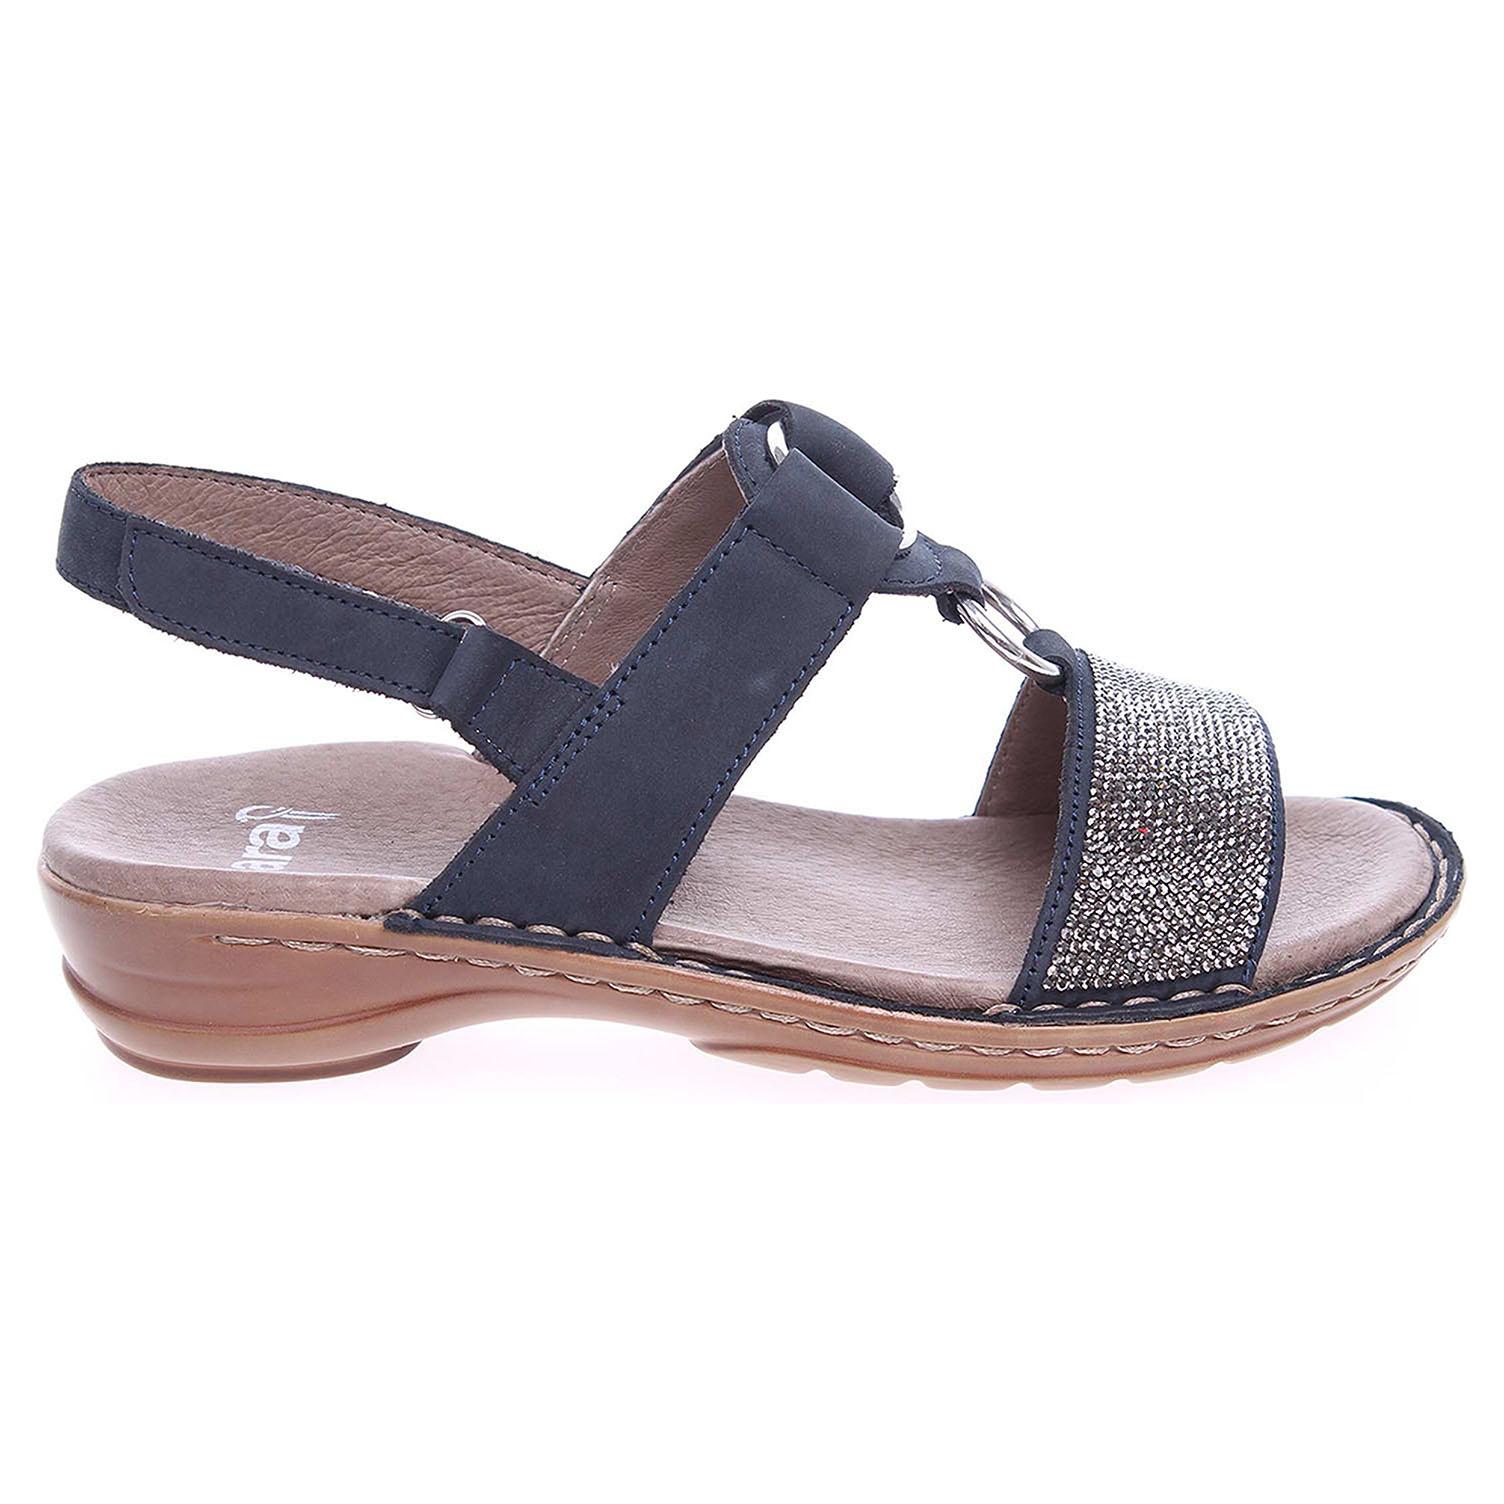 Ecco Ara dámské sandály 37291-02 modré 23801088